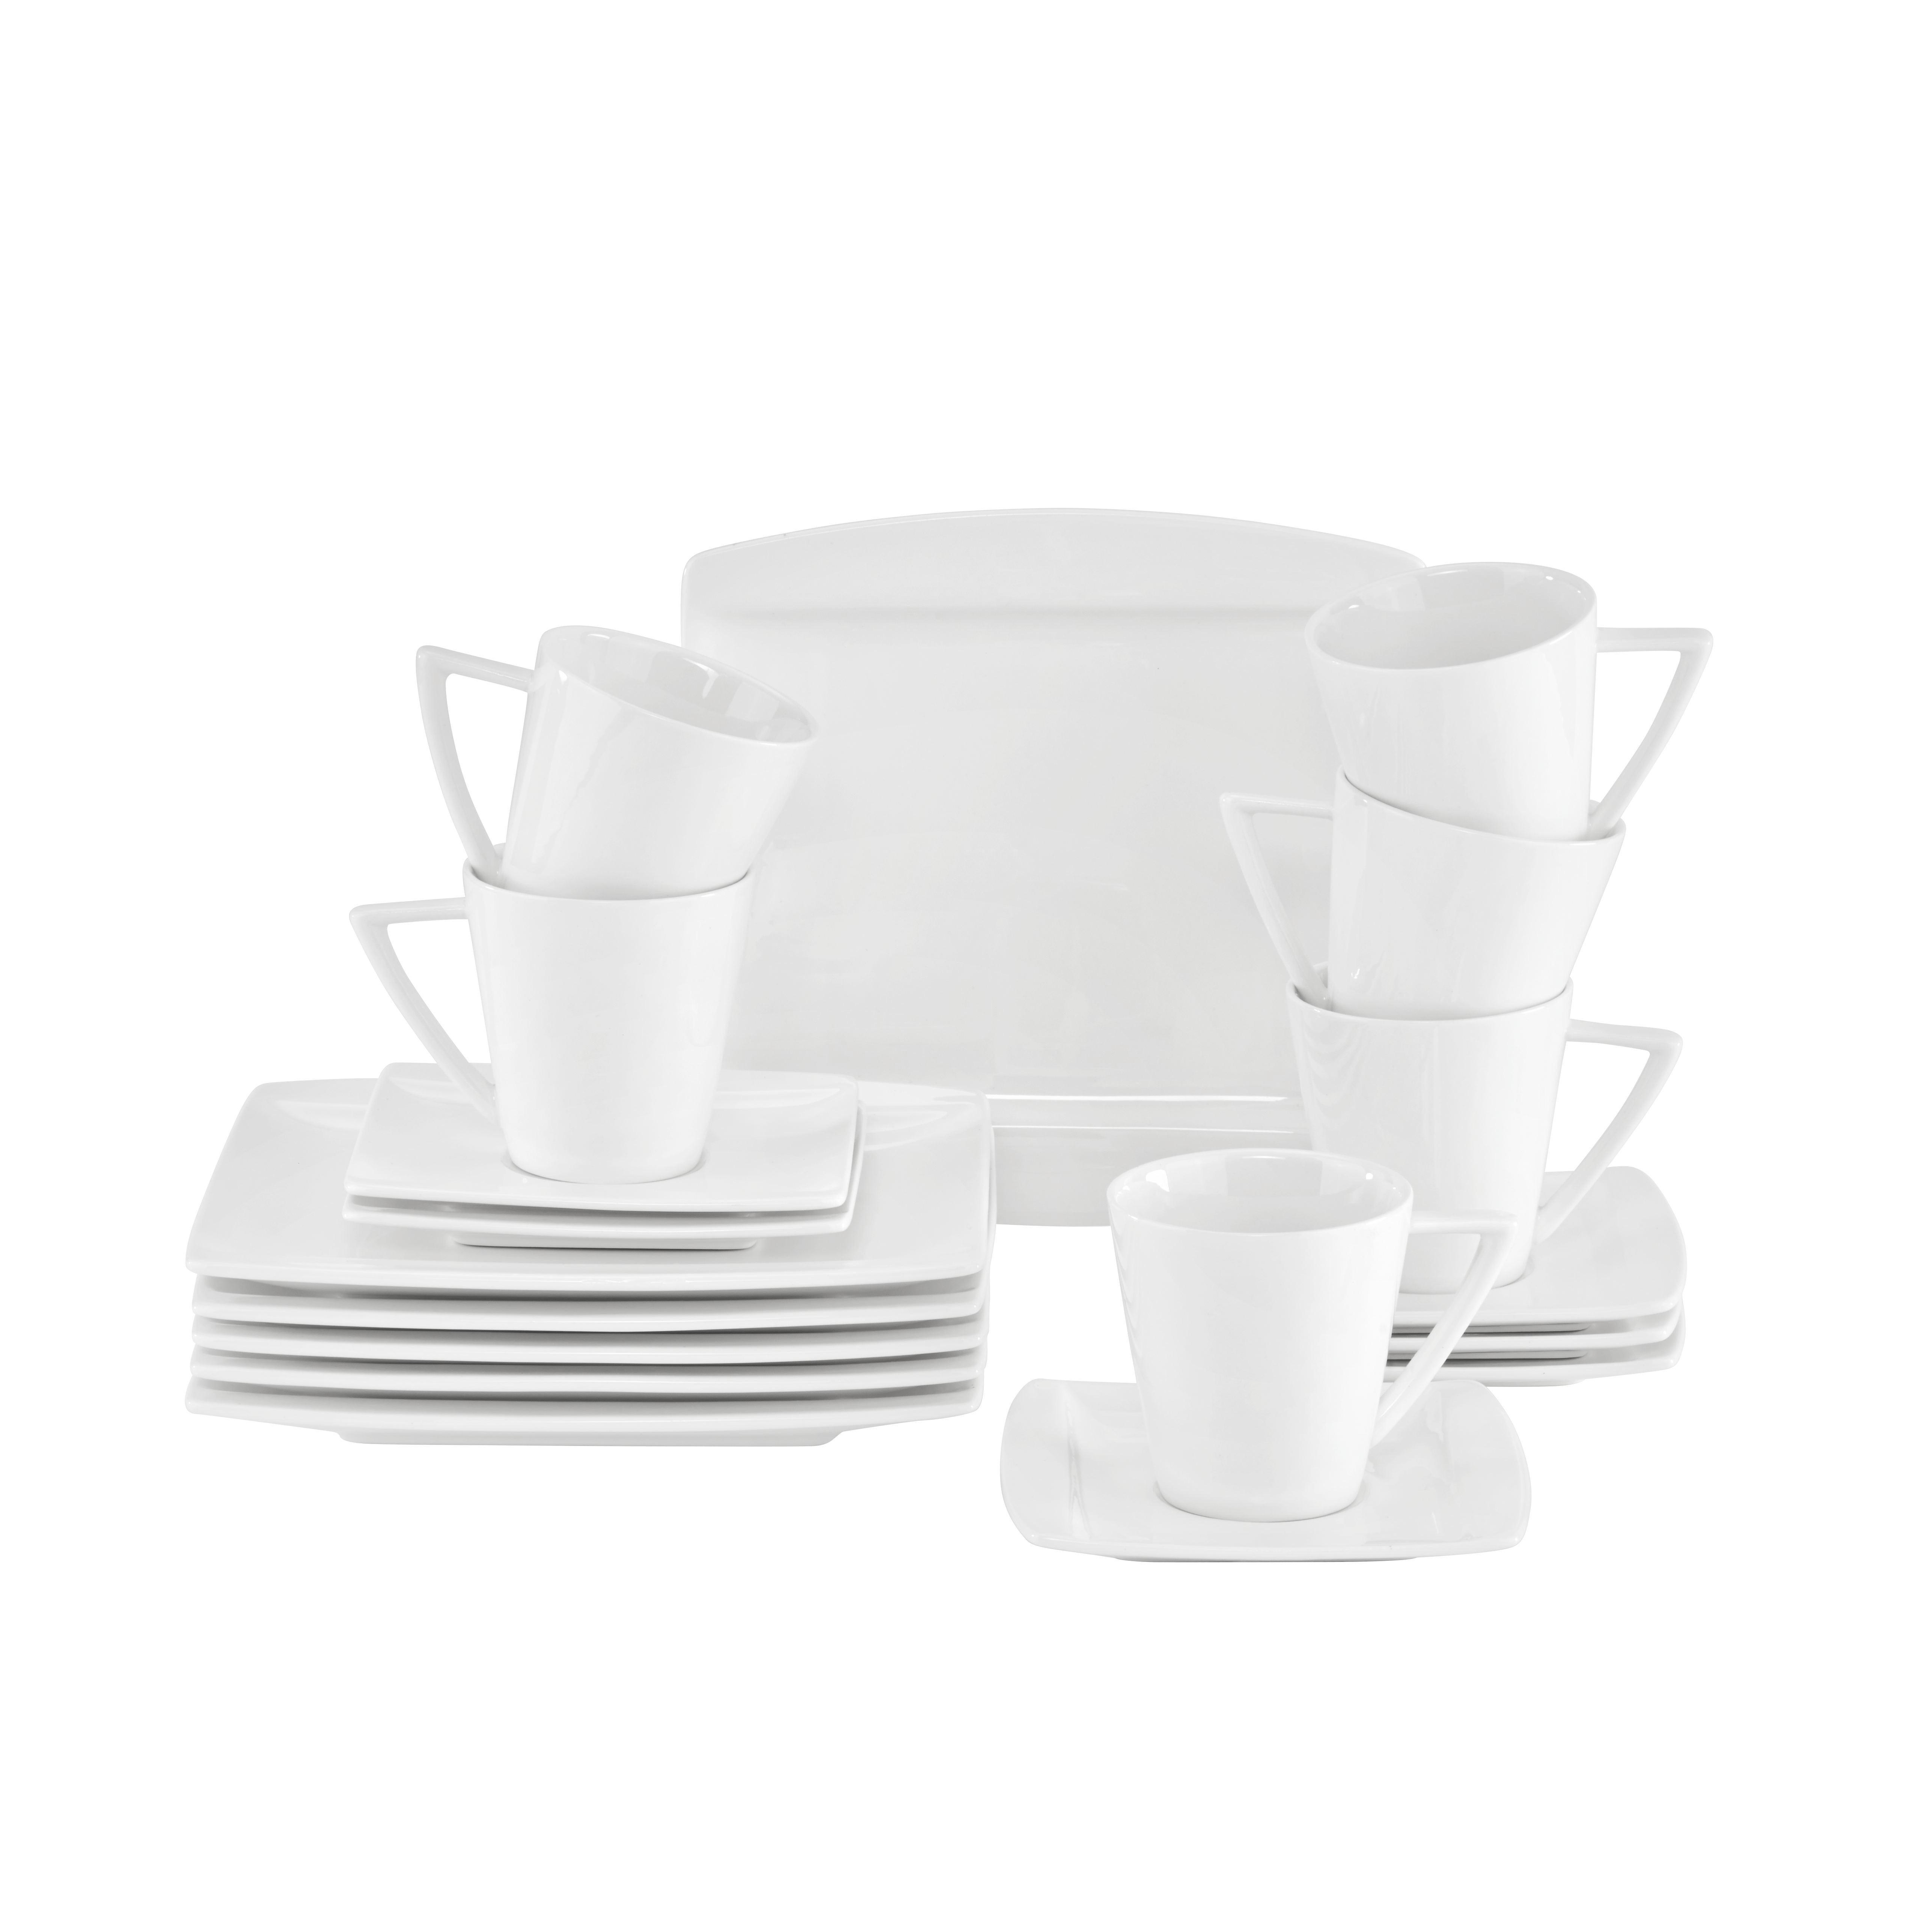 Tál Pura - fehér, Lifestyle, kerámia (23,2/23,3cm) - MÖMAX modern living